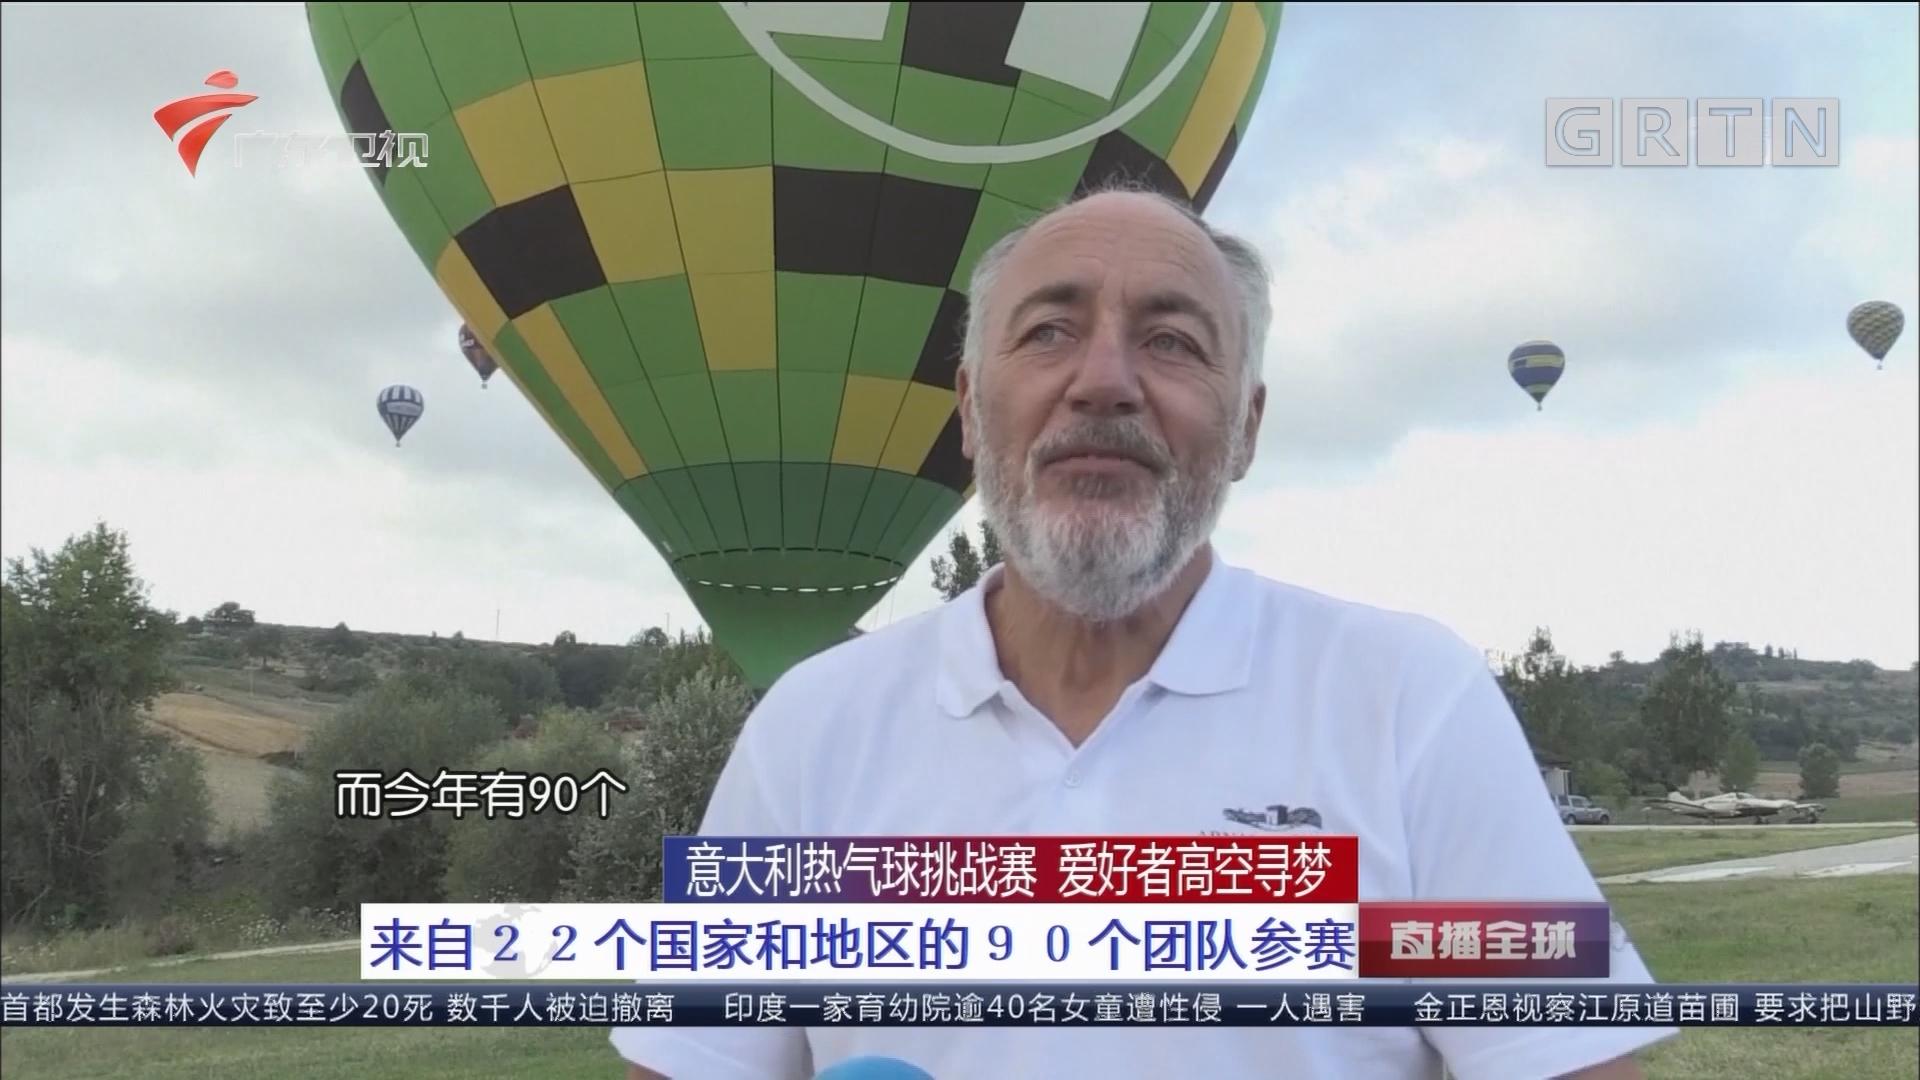 意大利热气球挑战赛 爱好者高空寻梦:来自22个国家和地区的90个团队参赛